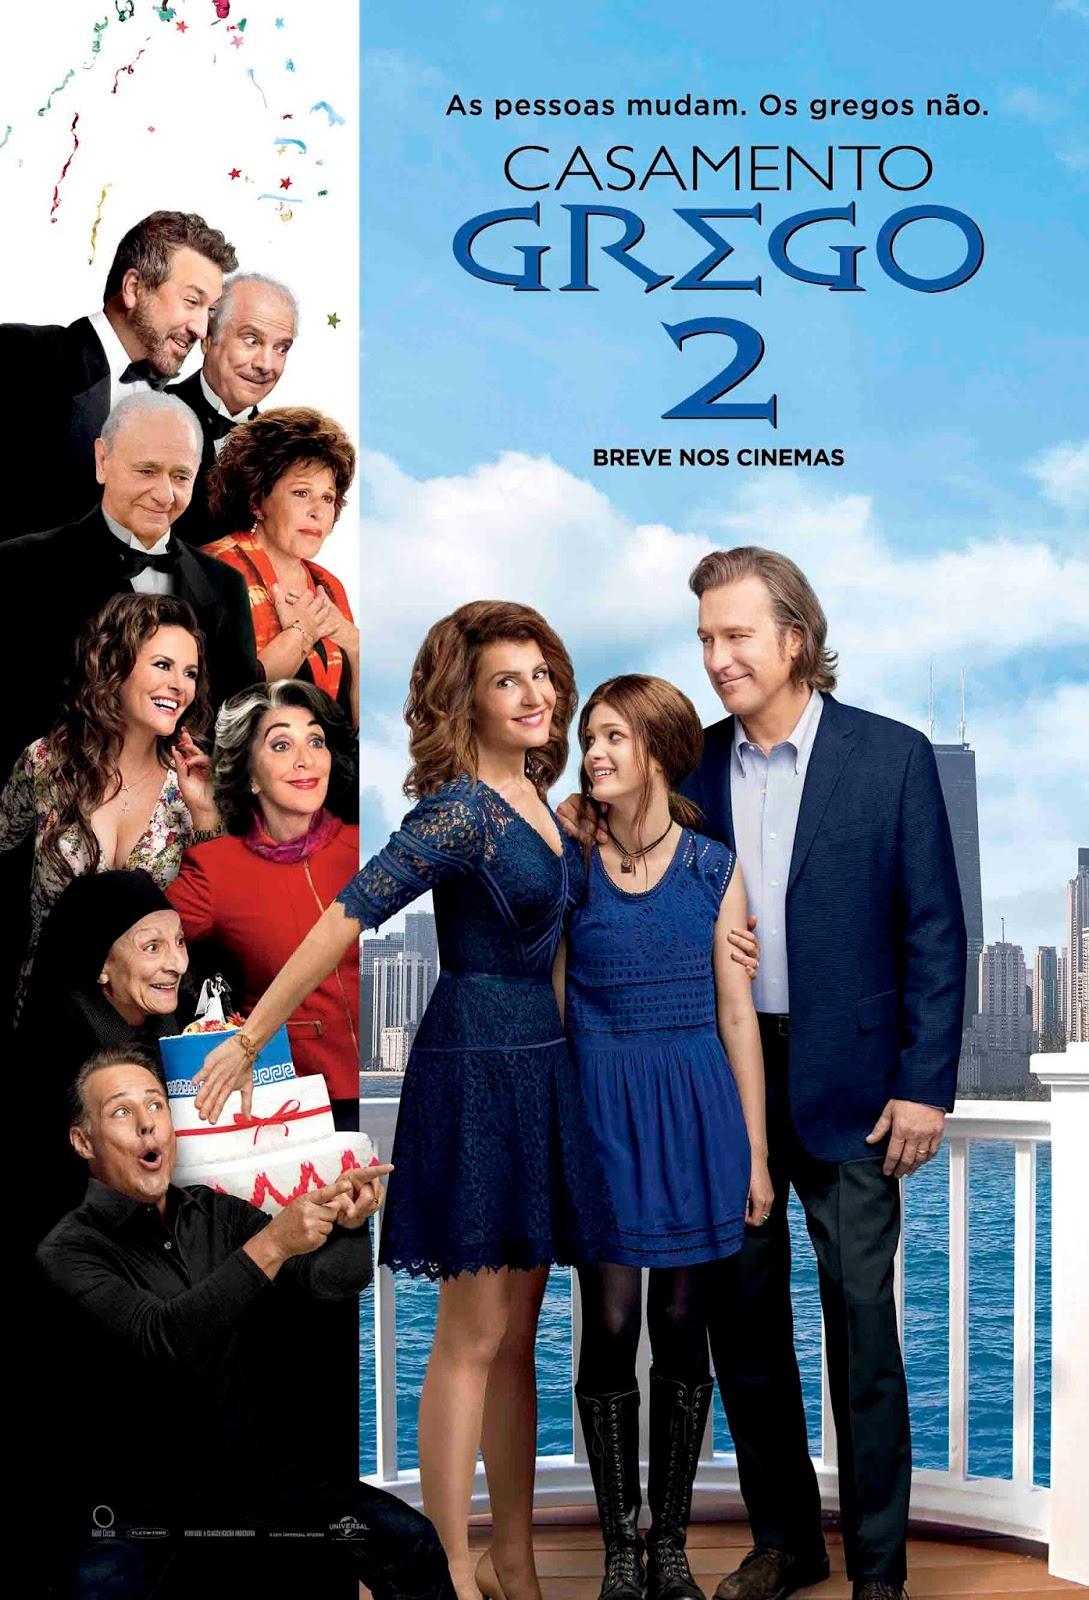 Casamento Grego 2 Torrent - Blu-ray Rip 720p e 1080p Dual Áudio (2016)